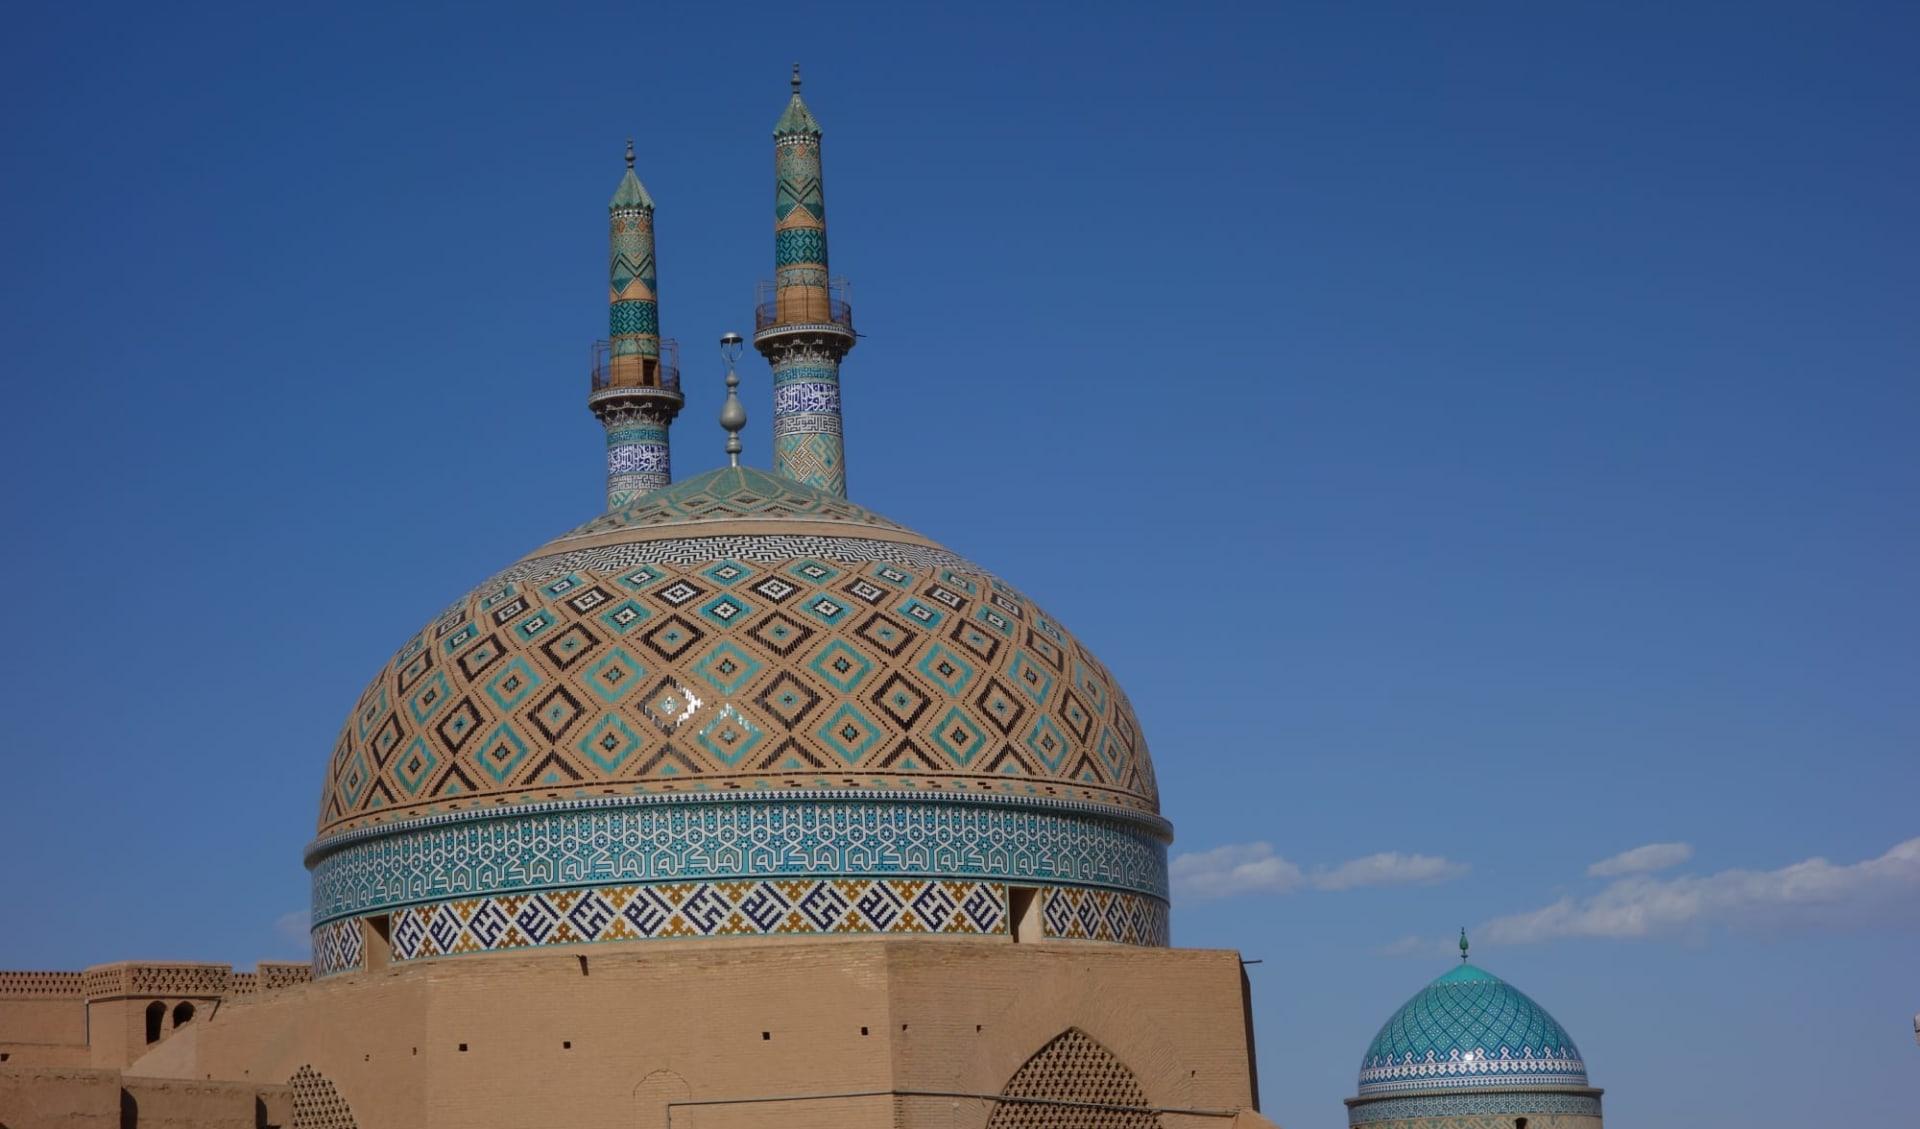 Strasse nach Susa ab Teheran: Isfahan